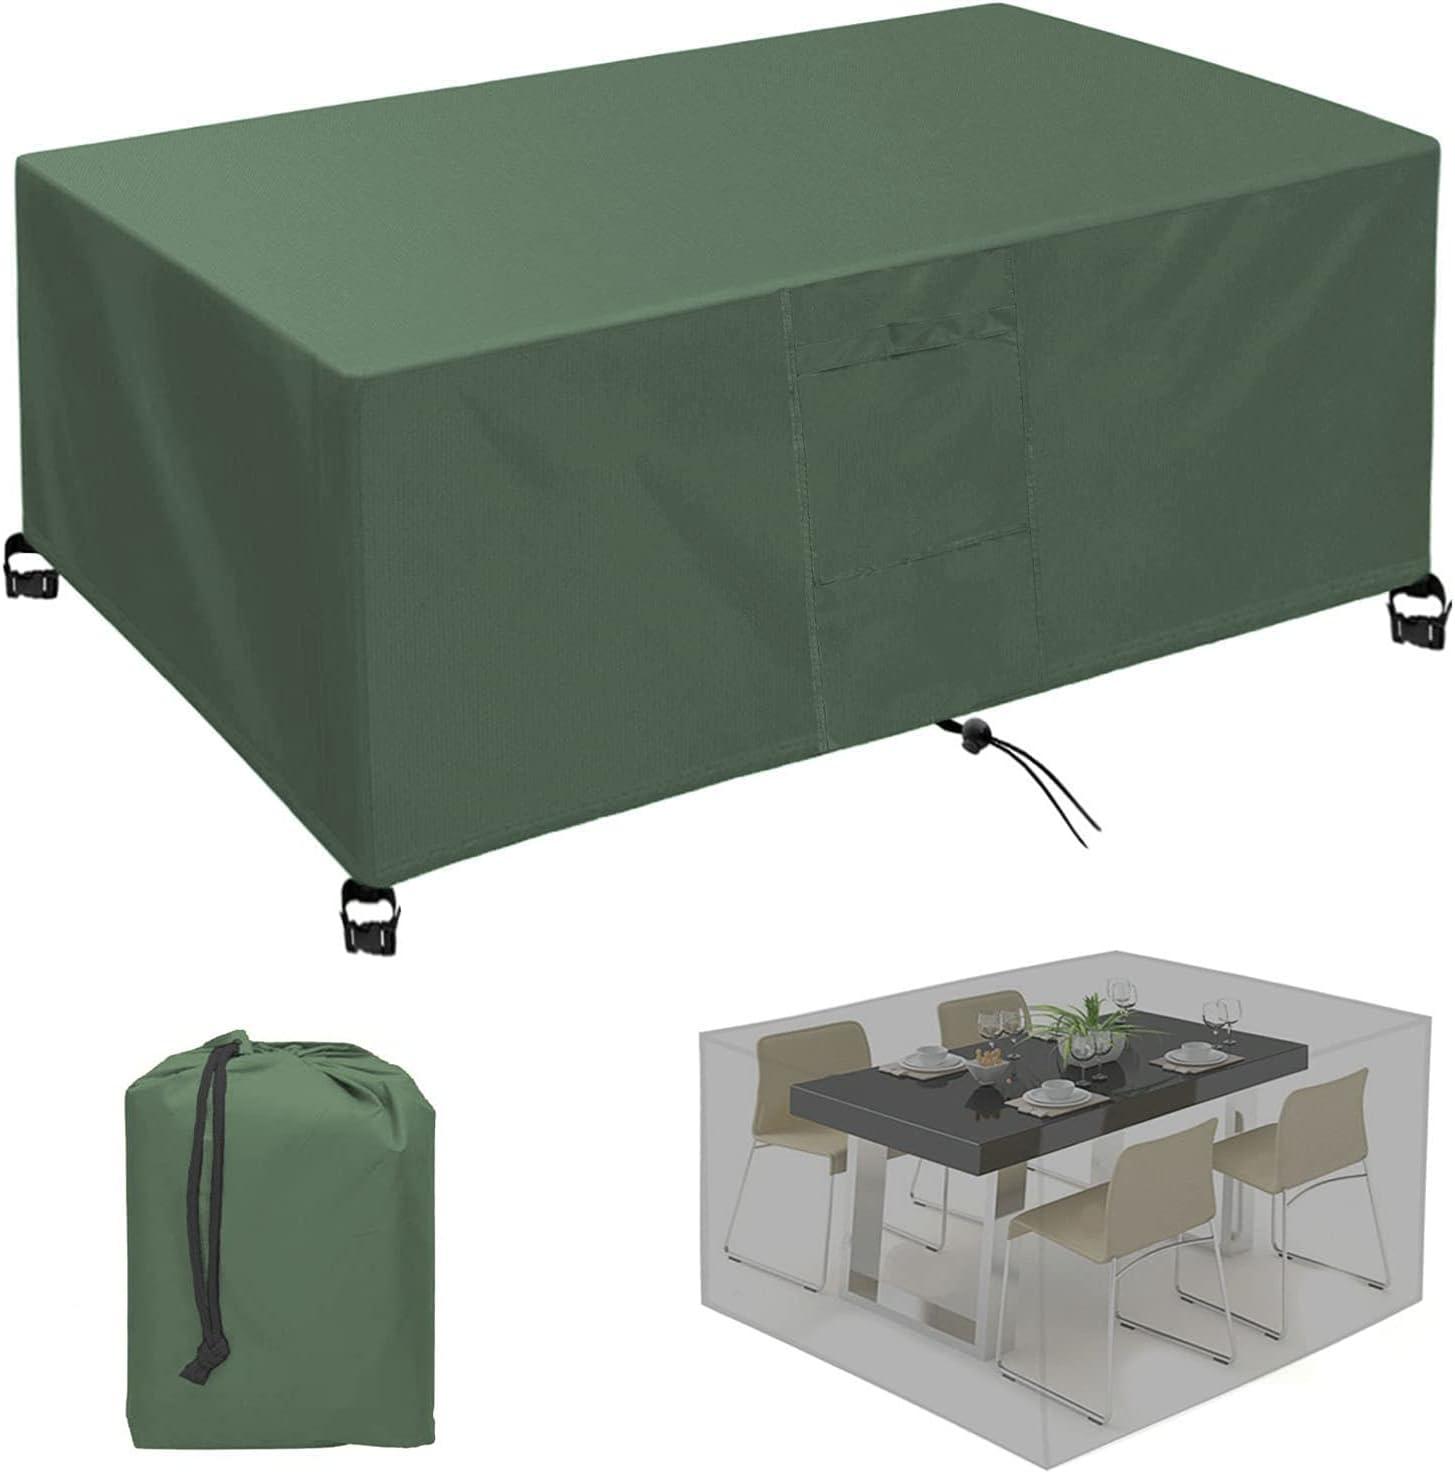 KSITH Funda para Muebles de Jardín, Funda Muebles Exterior, 420D Oxford Impermeable, Anti-UV, Resitente al Polvo para Muebles de Jardín de Patio-Green   120x60x90cm/LxWxH